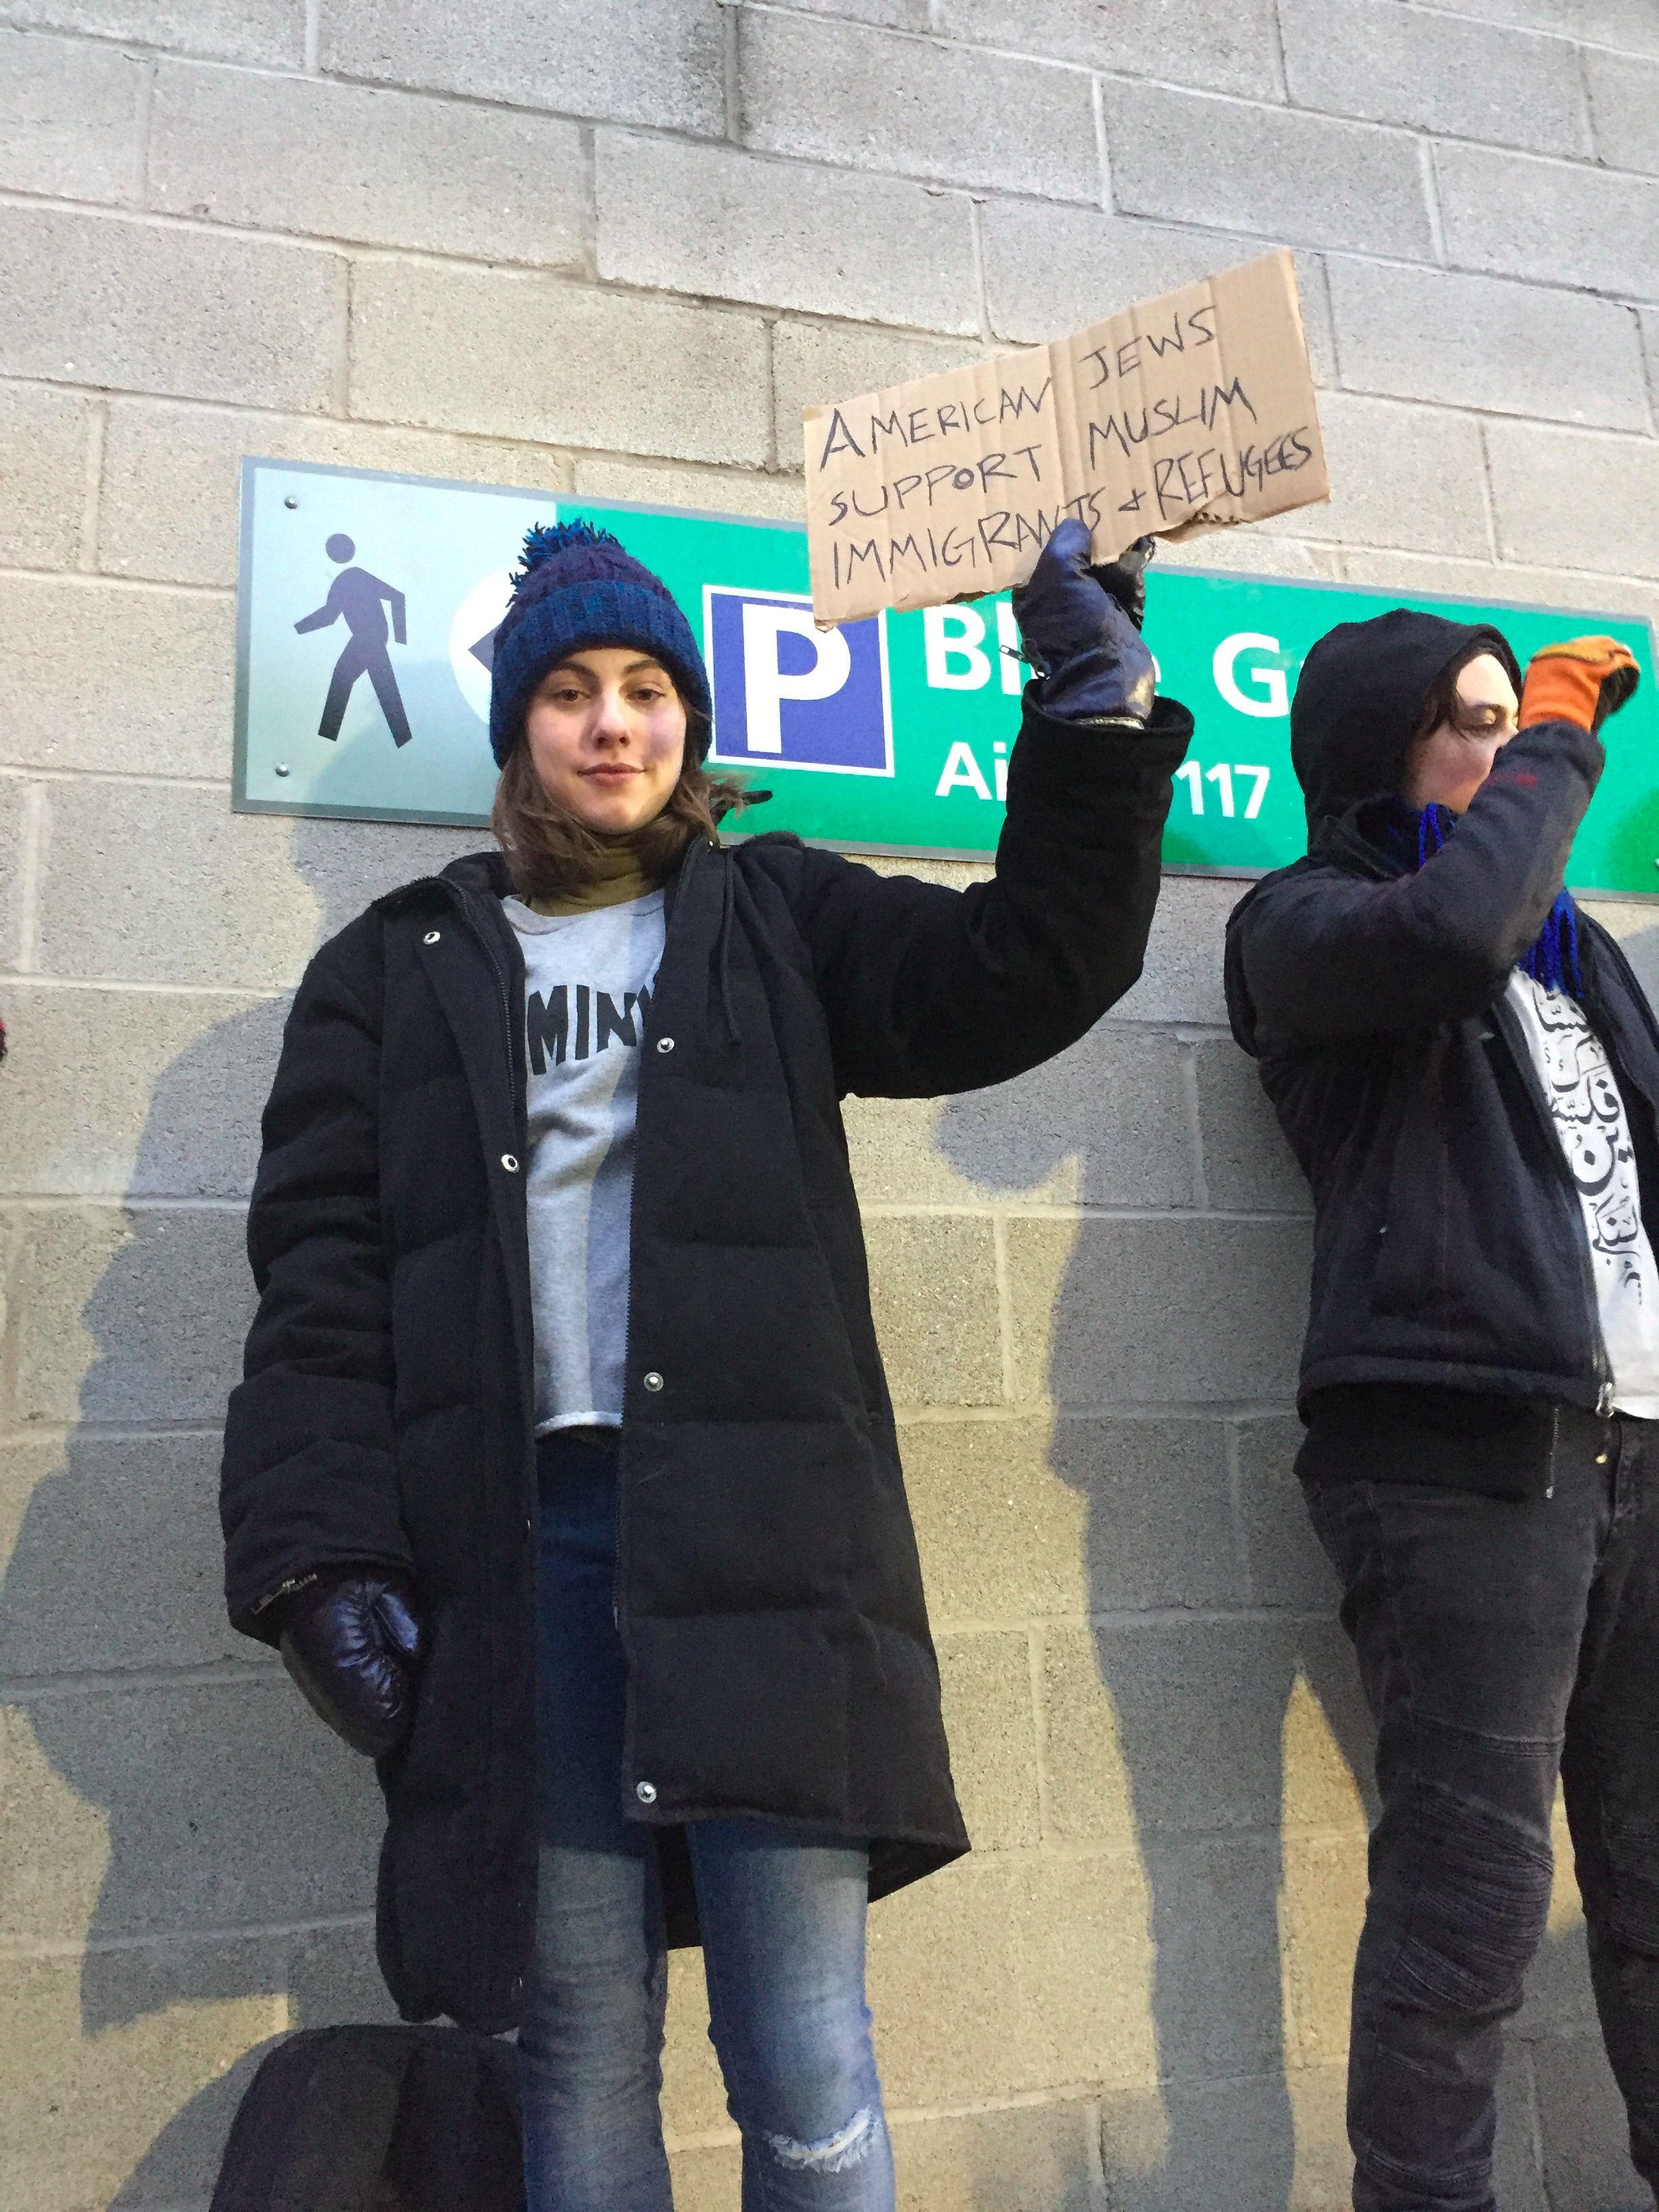 Protester Madeline Weinstein.